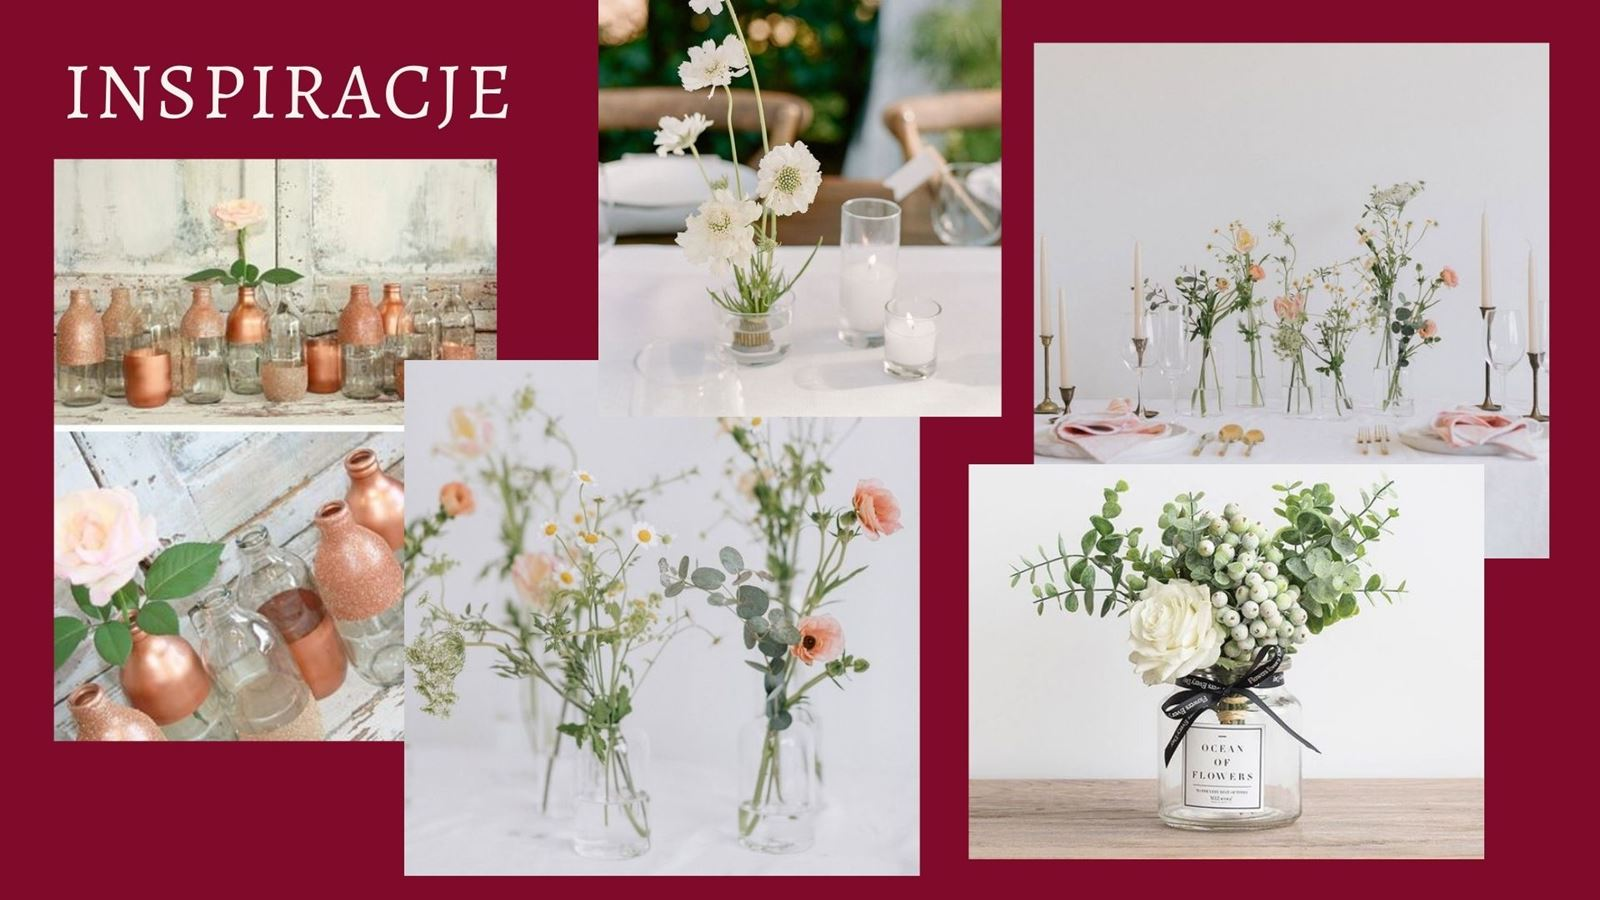 4 weselne diy wedding decoration ideas pomysły jak tanio udekorować zrobić samemu dekoracje na salę weselna na stol dla gosci co kupic male bukiety na stoly weselne dodatki tanie dekoracje na slub